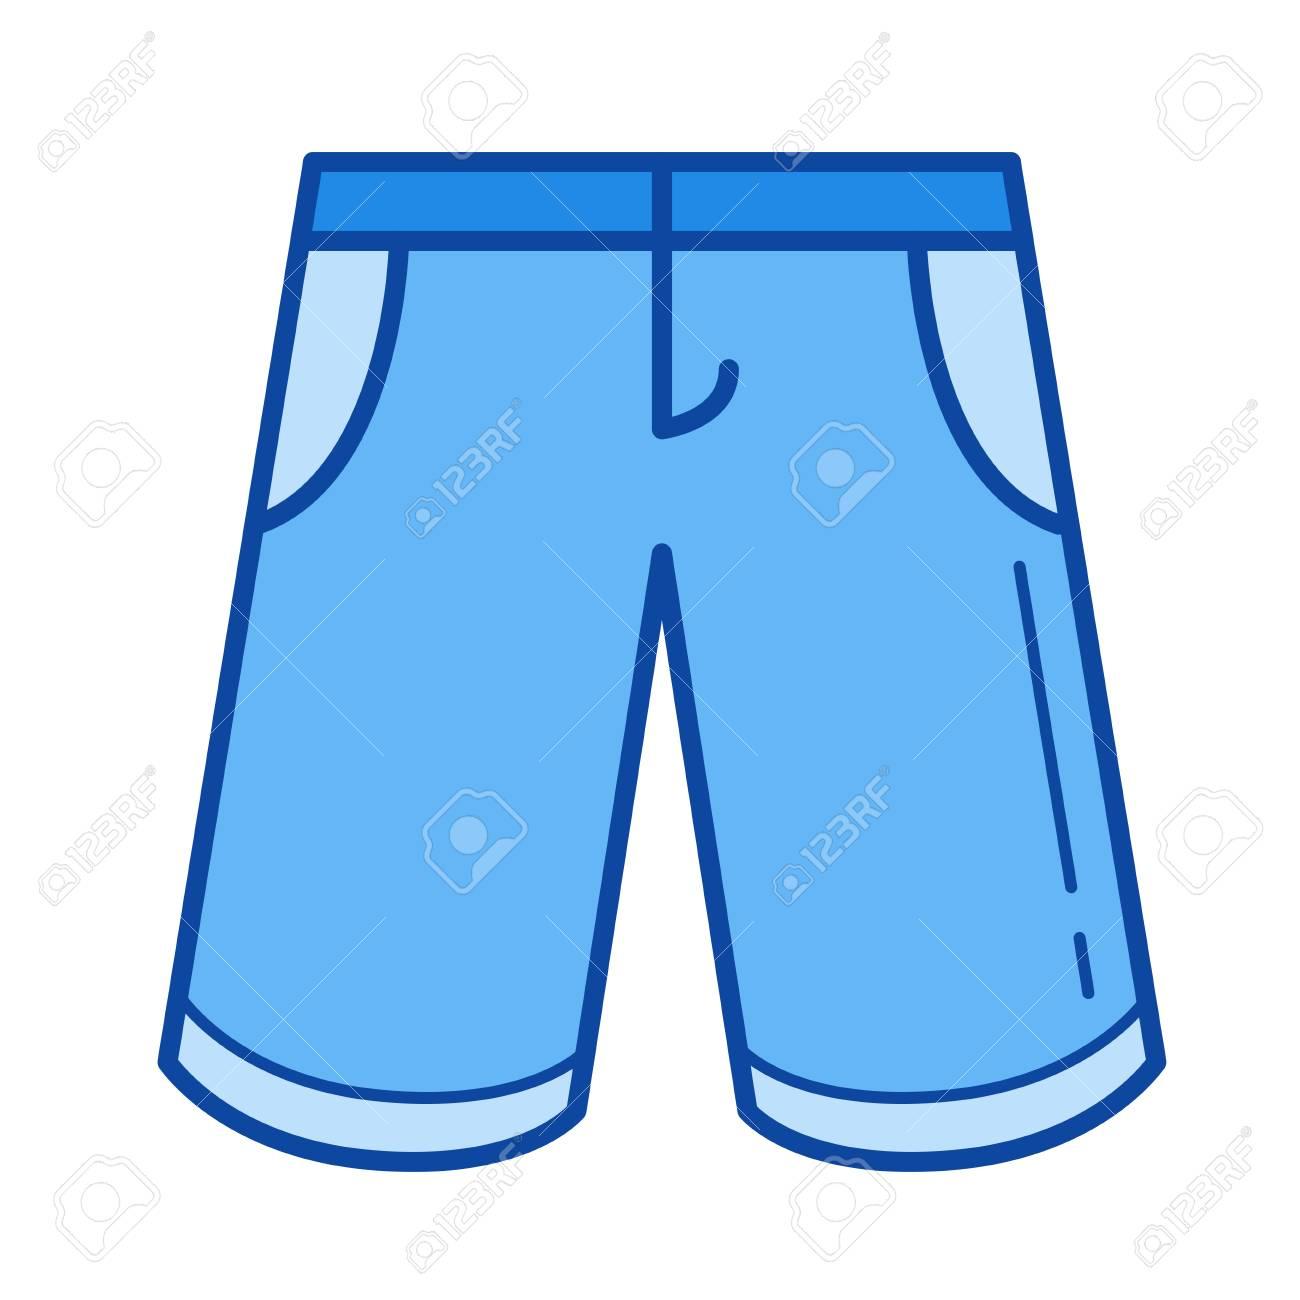 Bermuda shorts vector lijn pictogram geïsoleerd op een witte achtergrond. Bermuda korte broek lijn pictogram voor infographic, website of app. Blauw